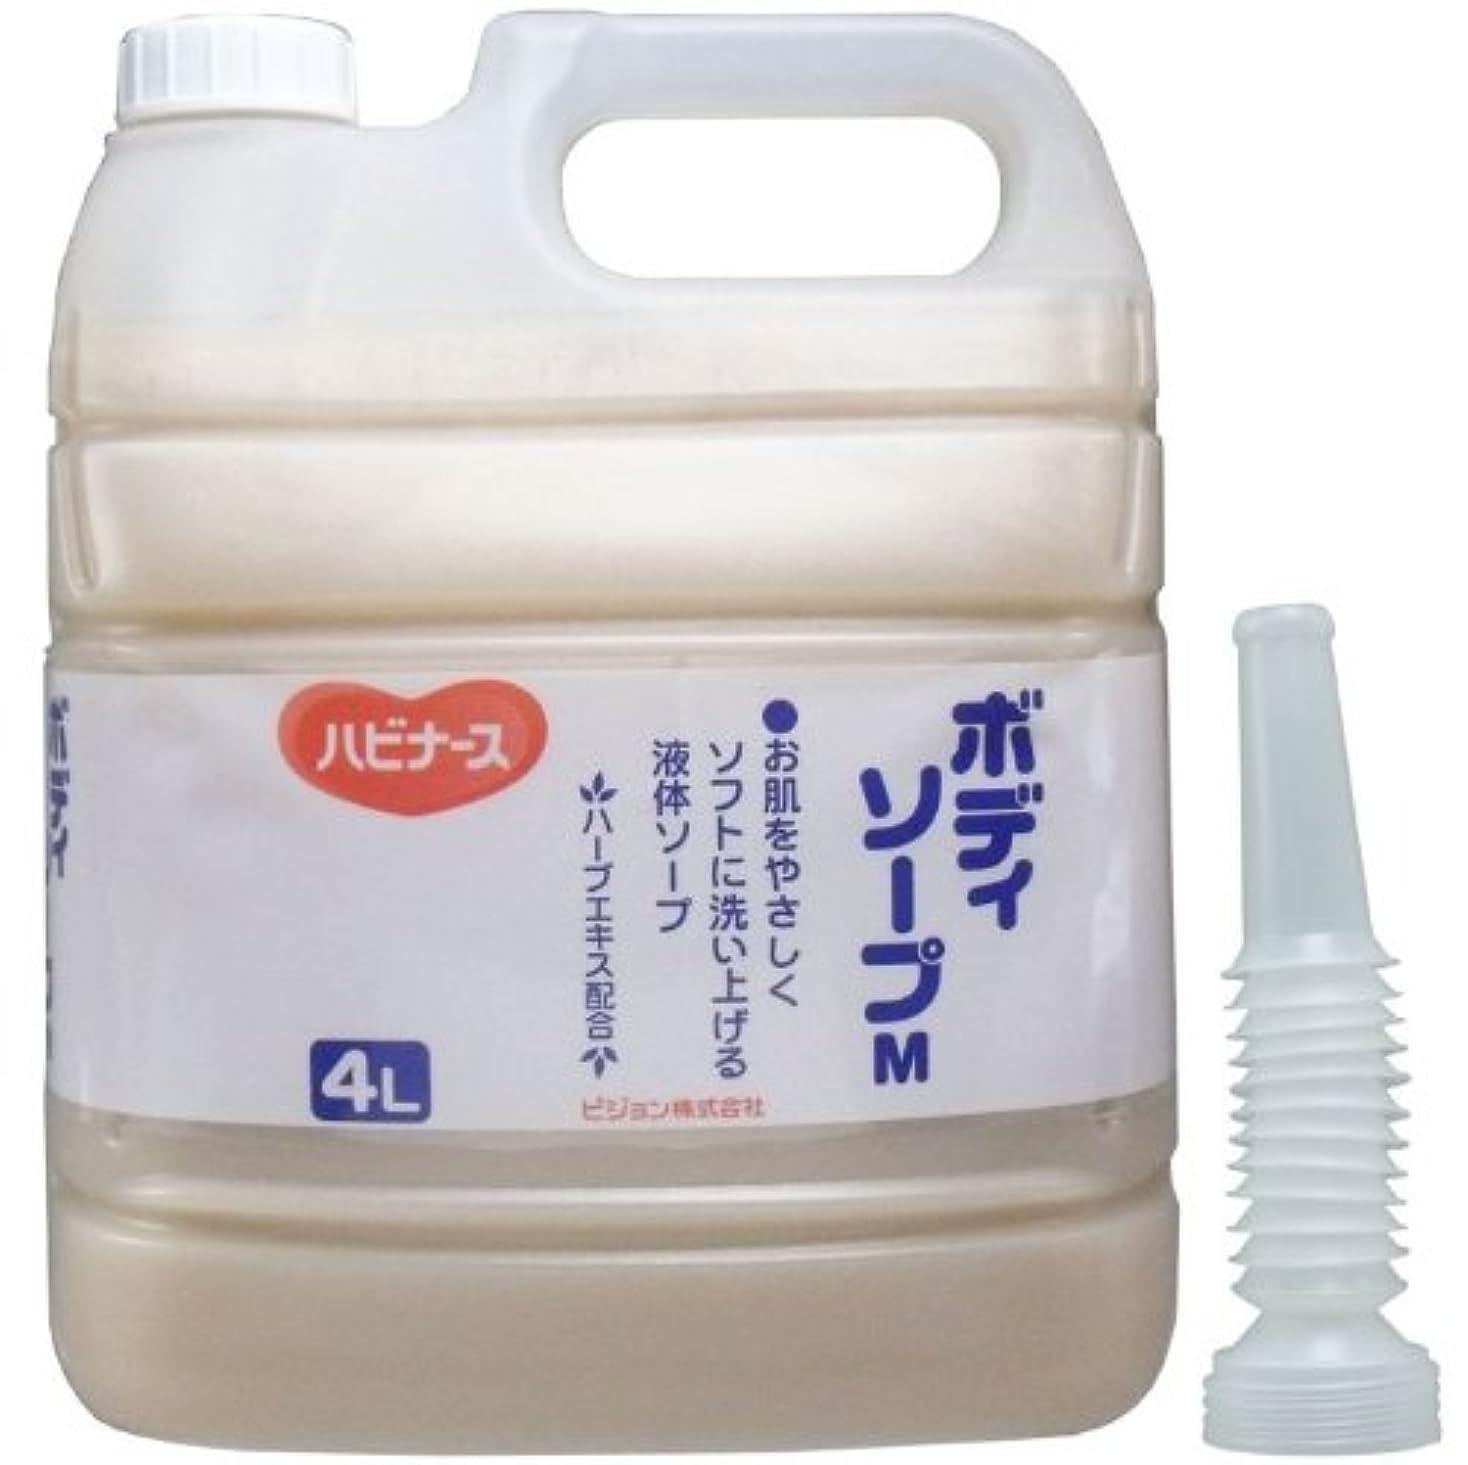 ディレクトリ消す男性液体ソープ ボディソープ 風呂 石ケン お肌をやさしくソフトに洗い上げる!業務用 4L【2個セット】